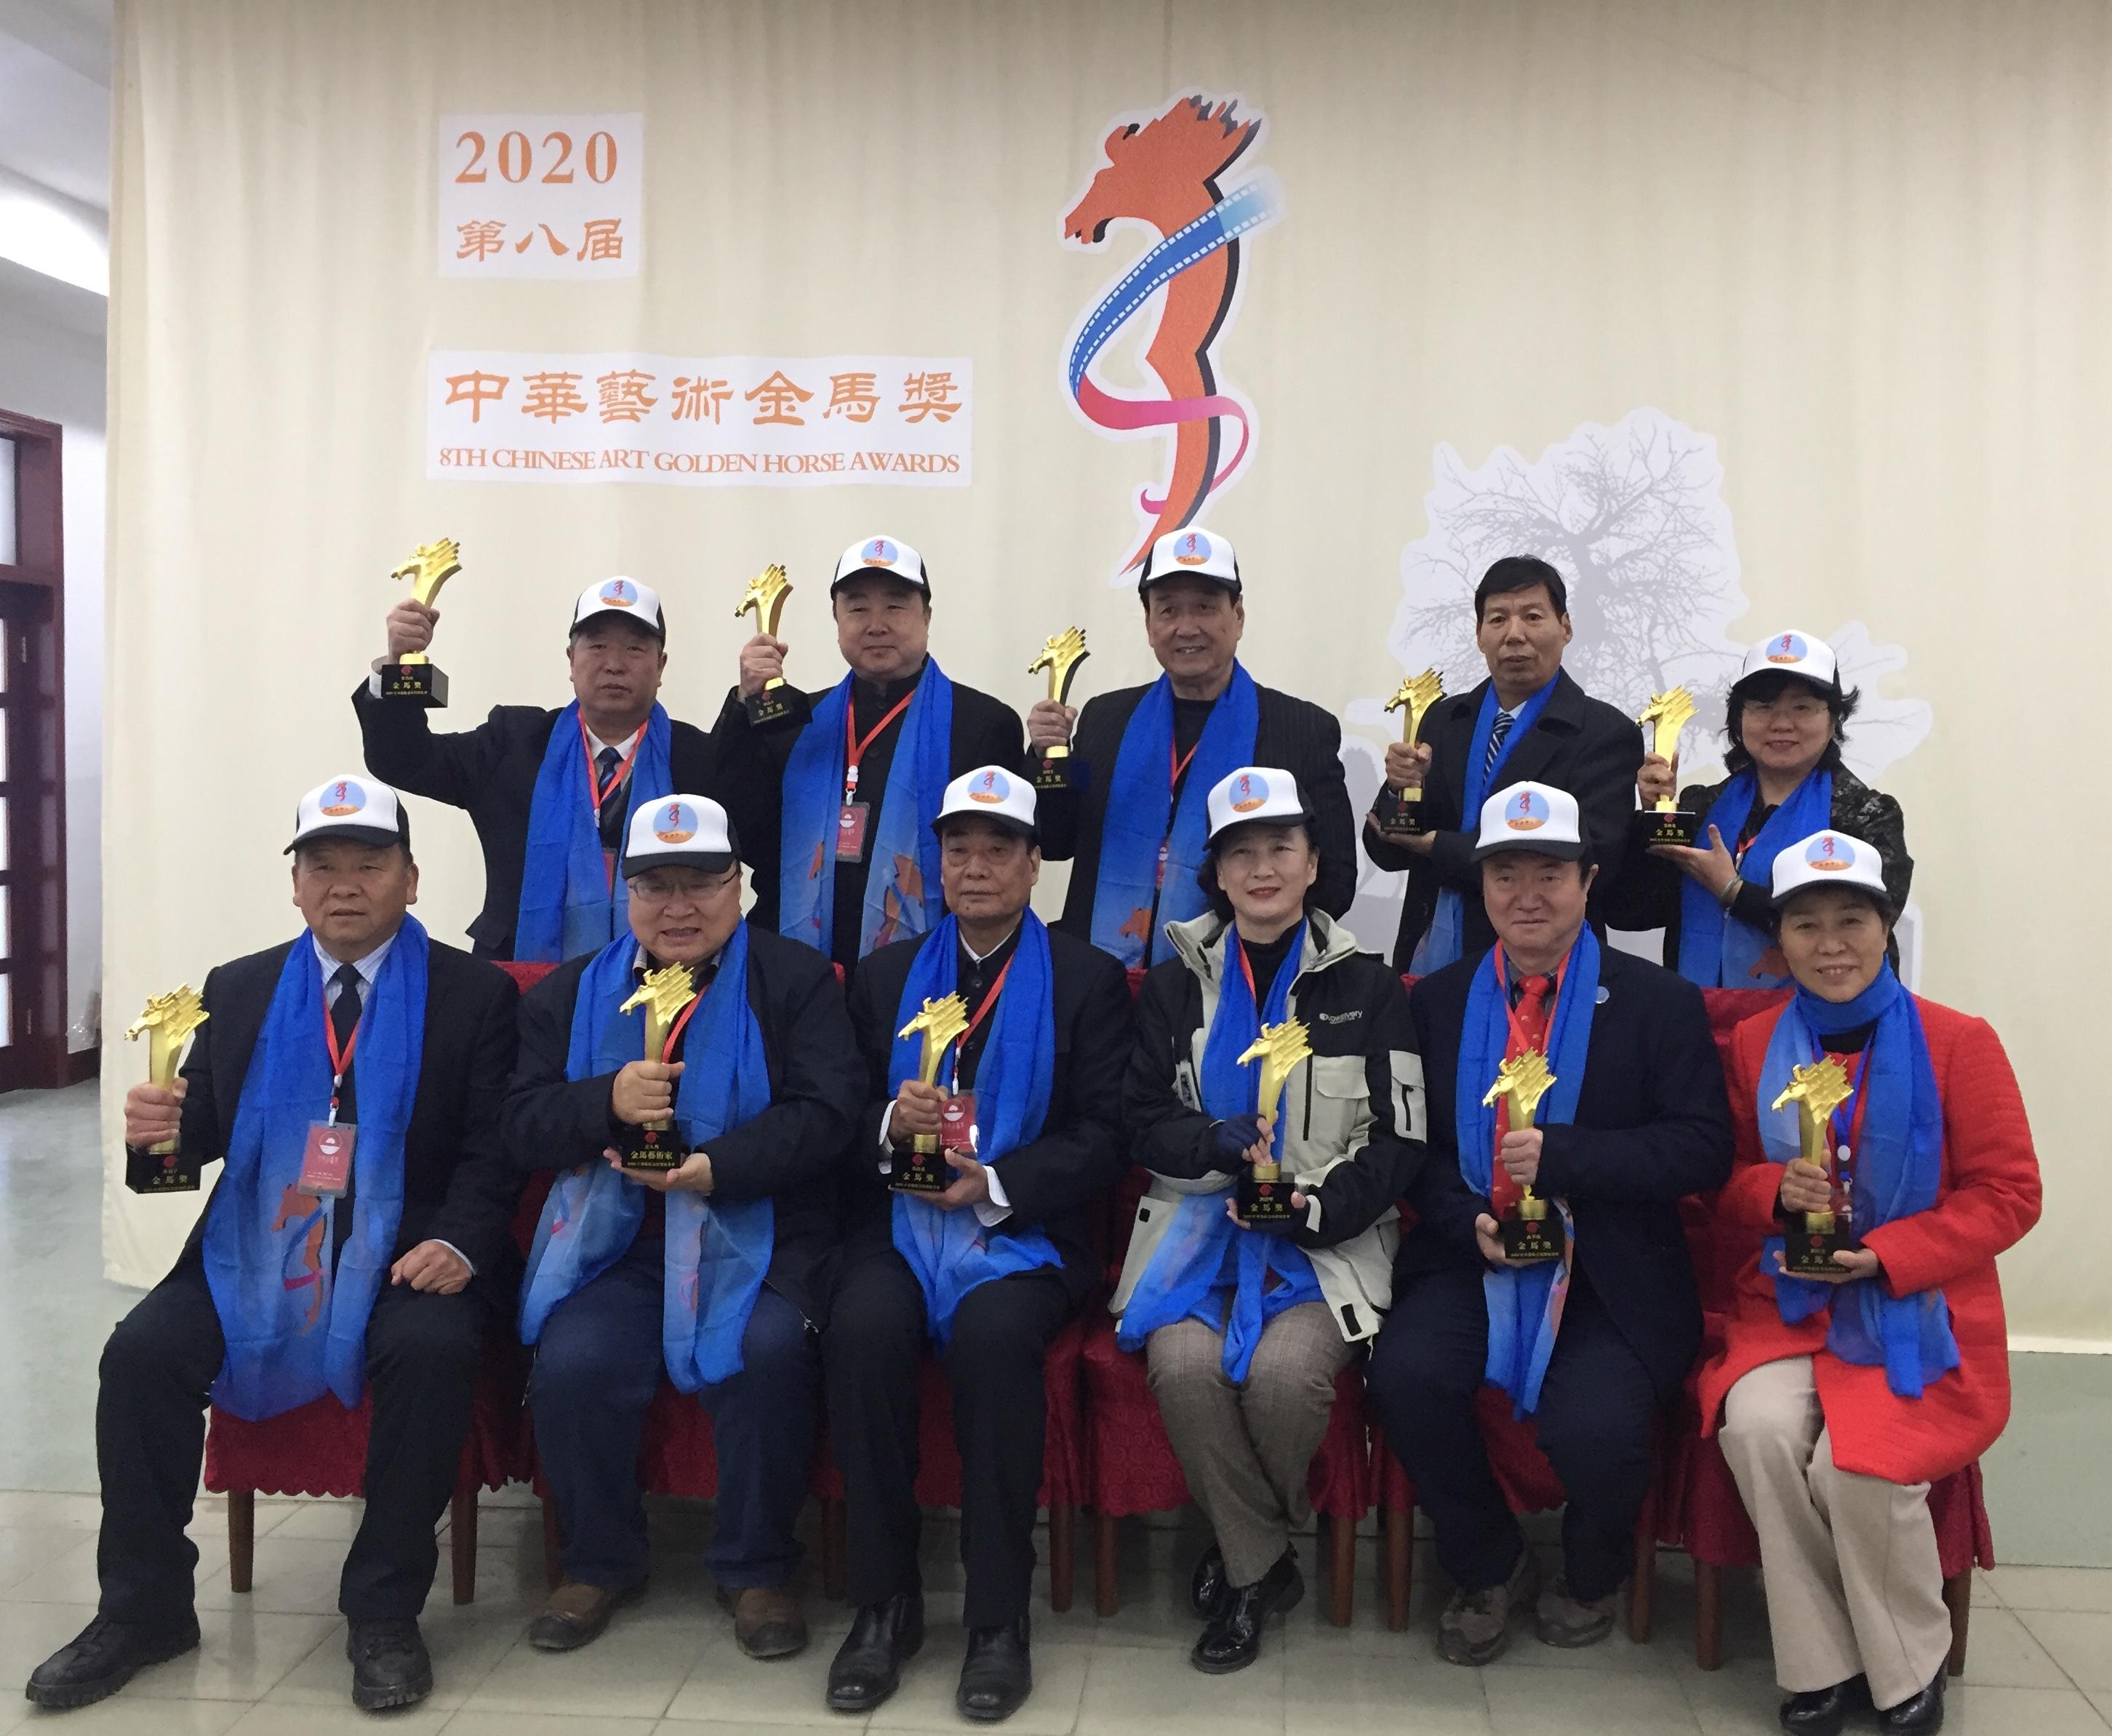 第八屆中華藝術金馬獎網絡頒獎洛陽分會場活動舉行  11名攝影師摘獲獎項